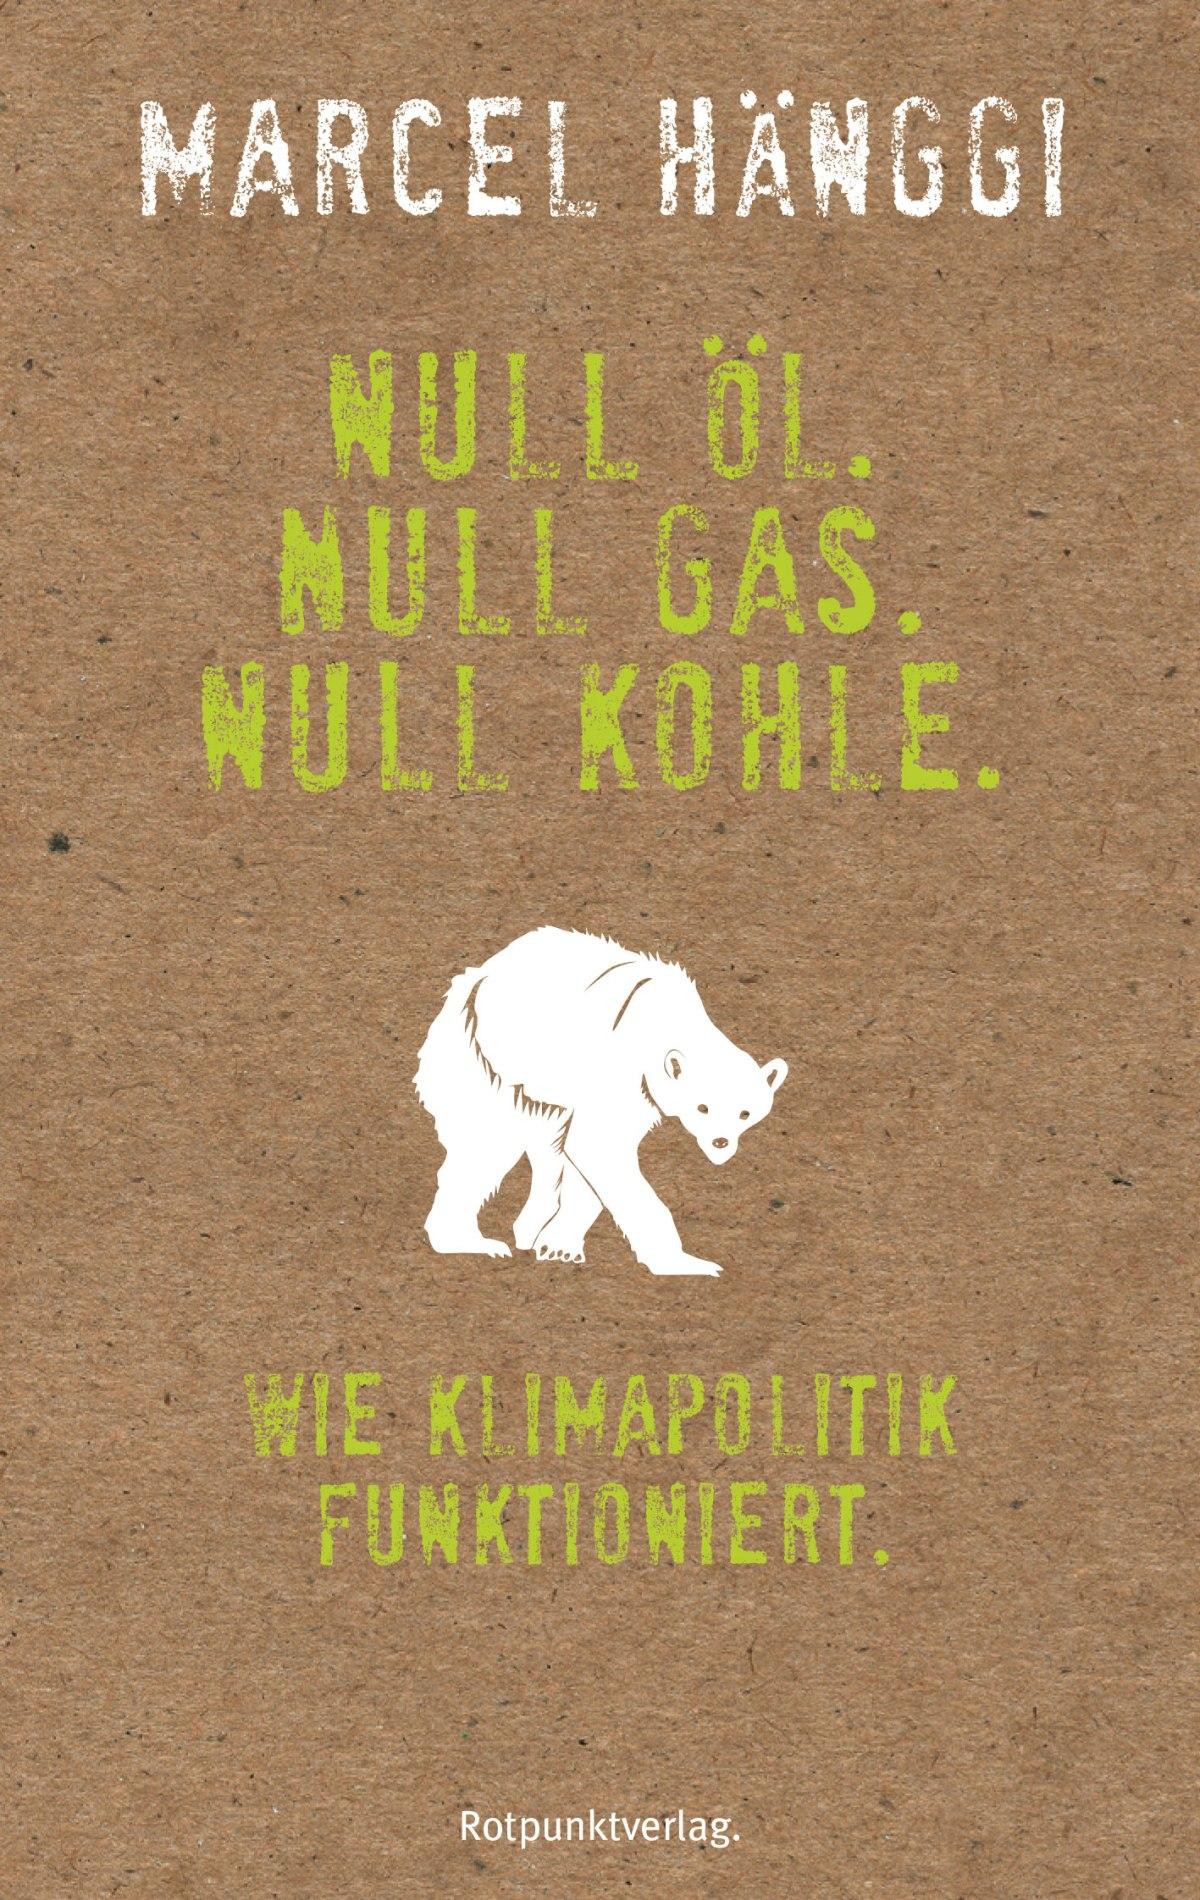 Null Öl, Null Gas, NullKohle